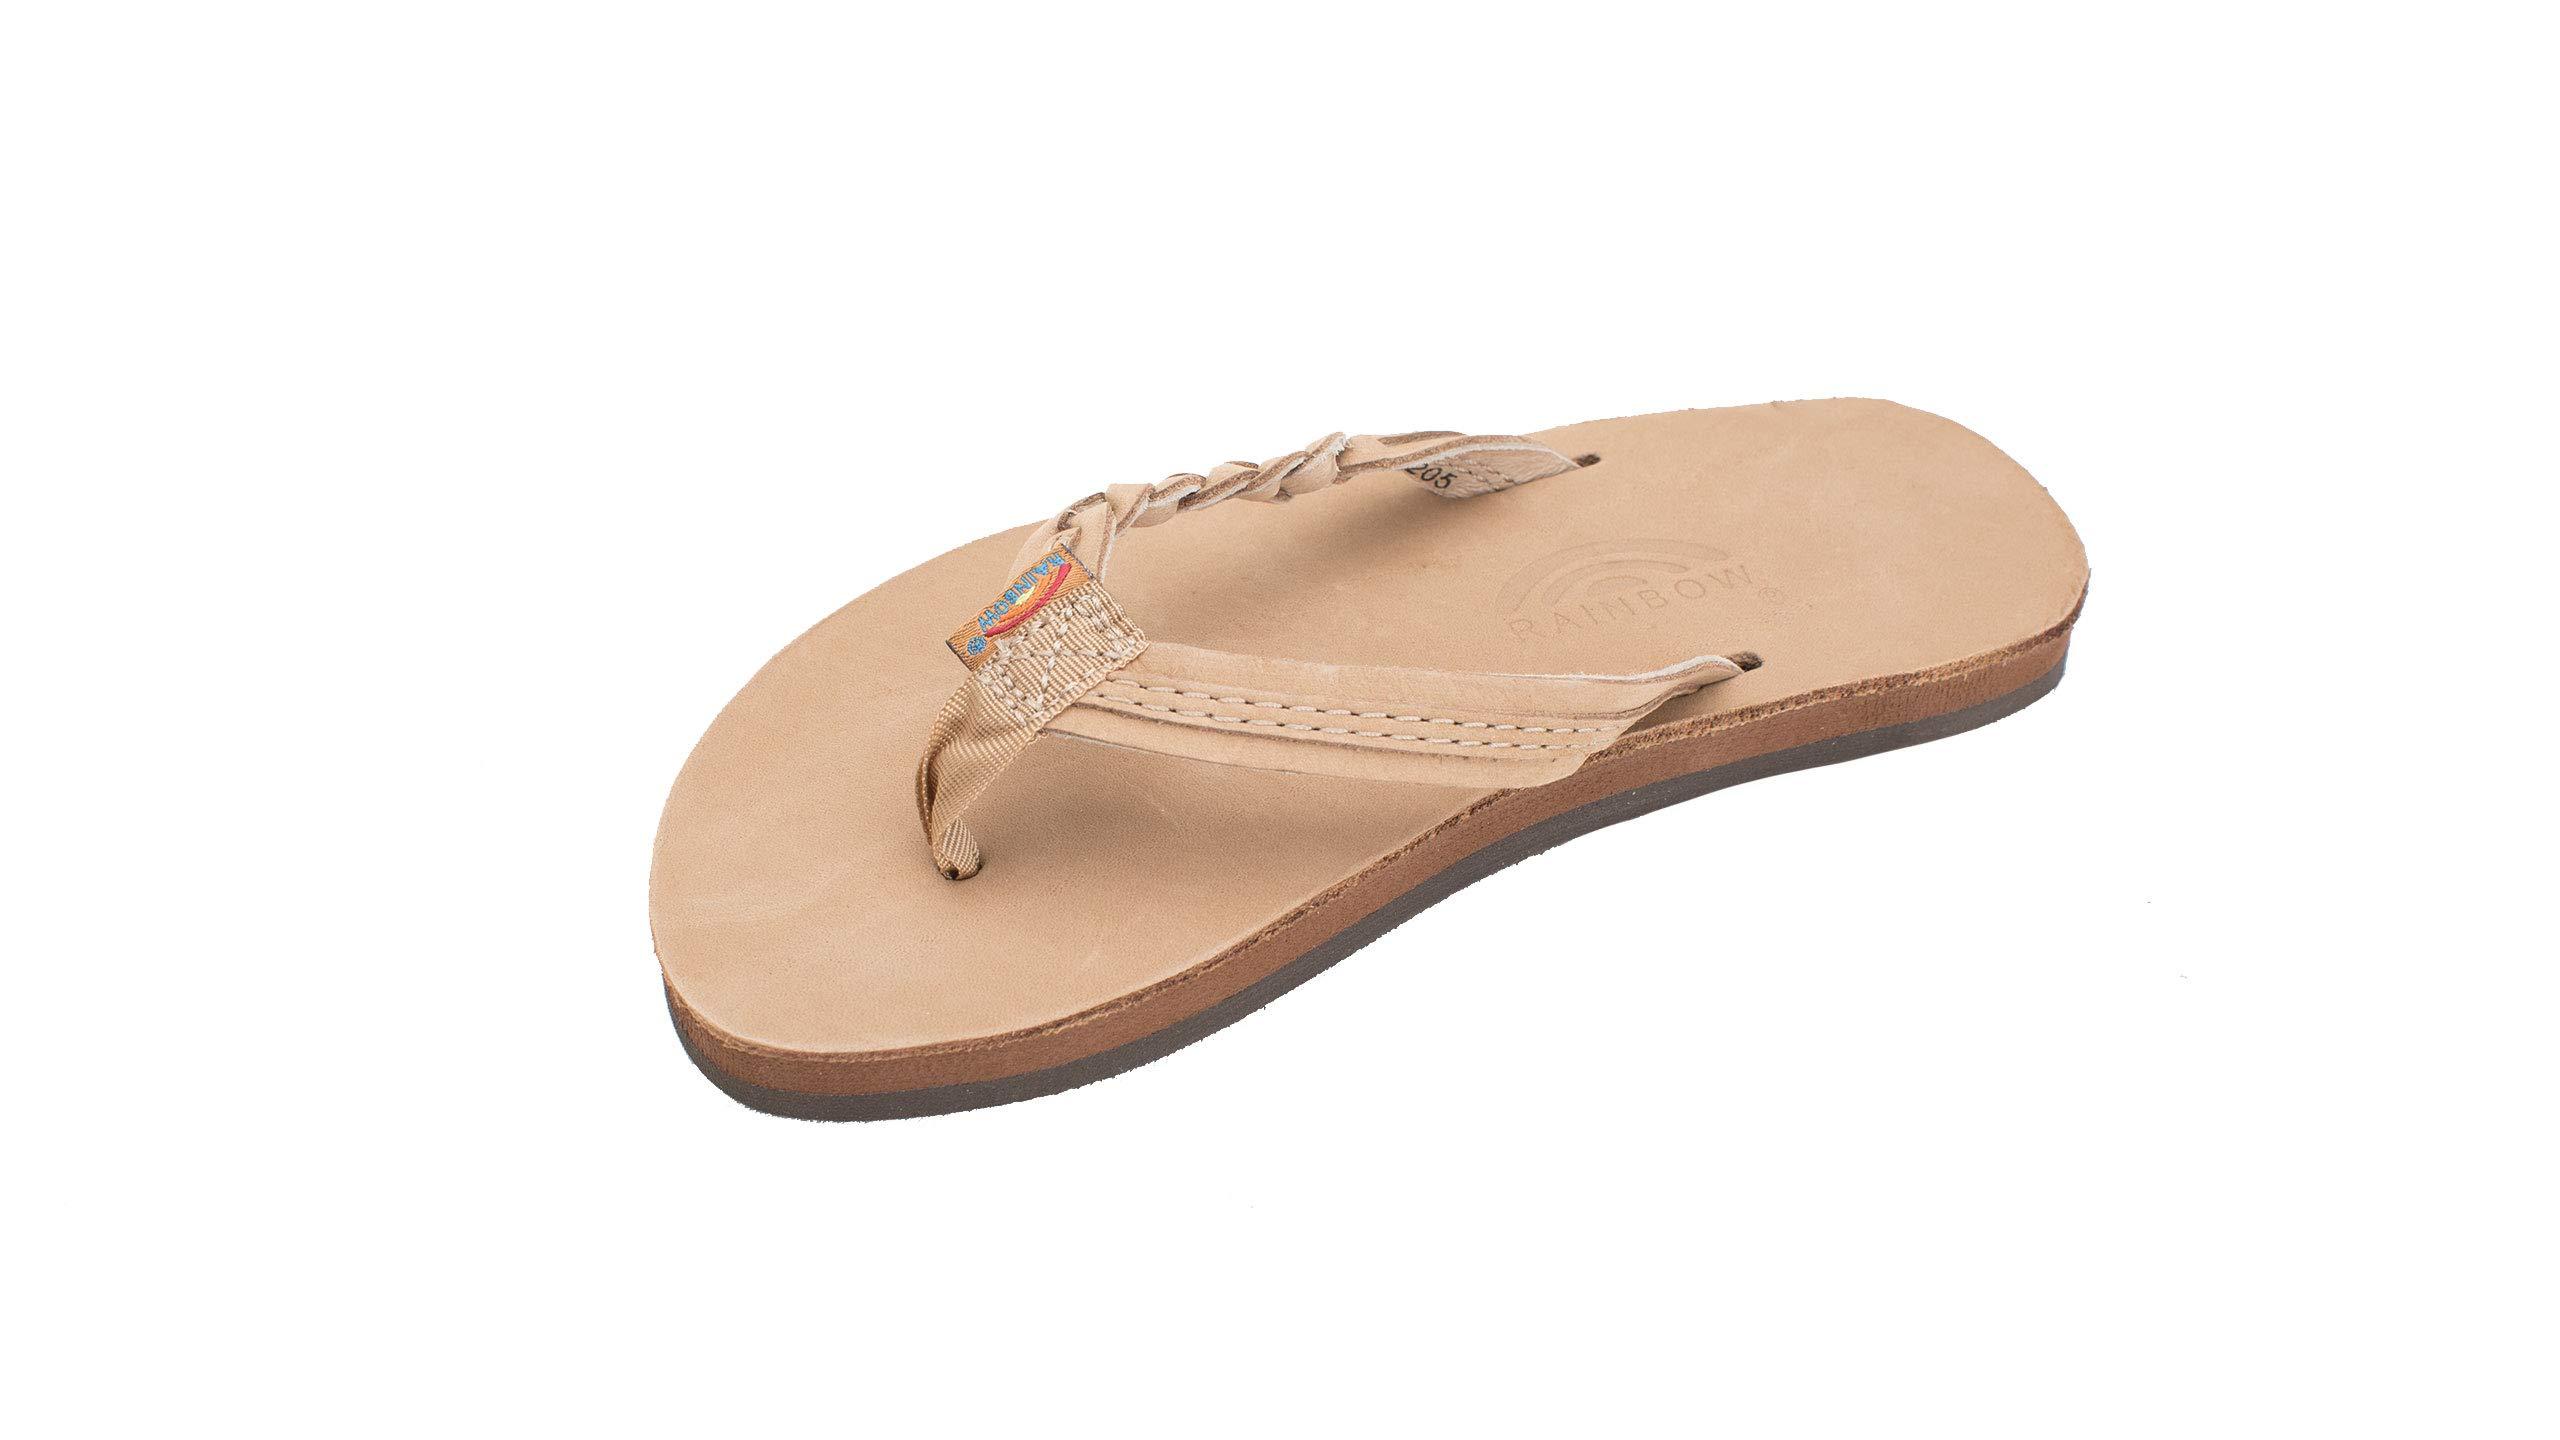 Rainbow Sandals Childrens Flirty Braidy Sandals size 2/3